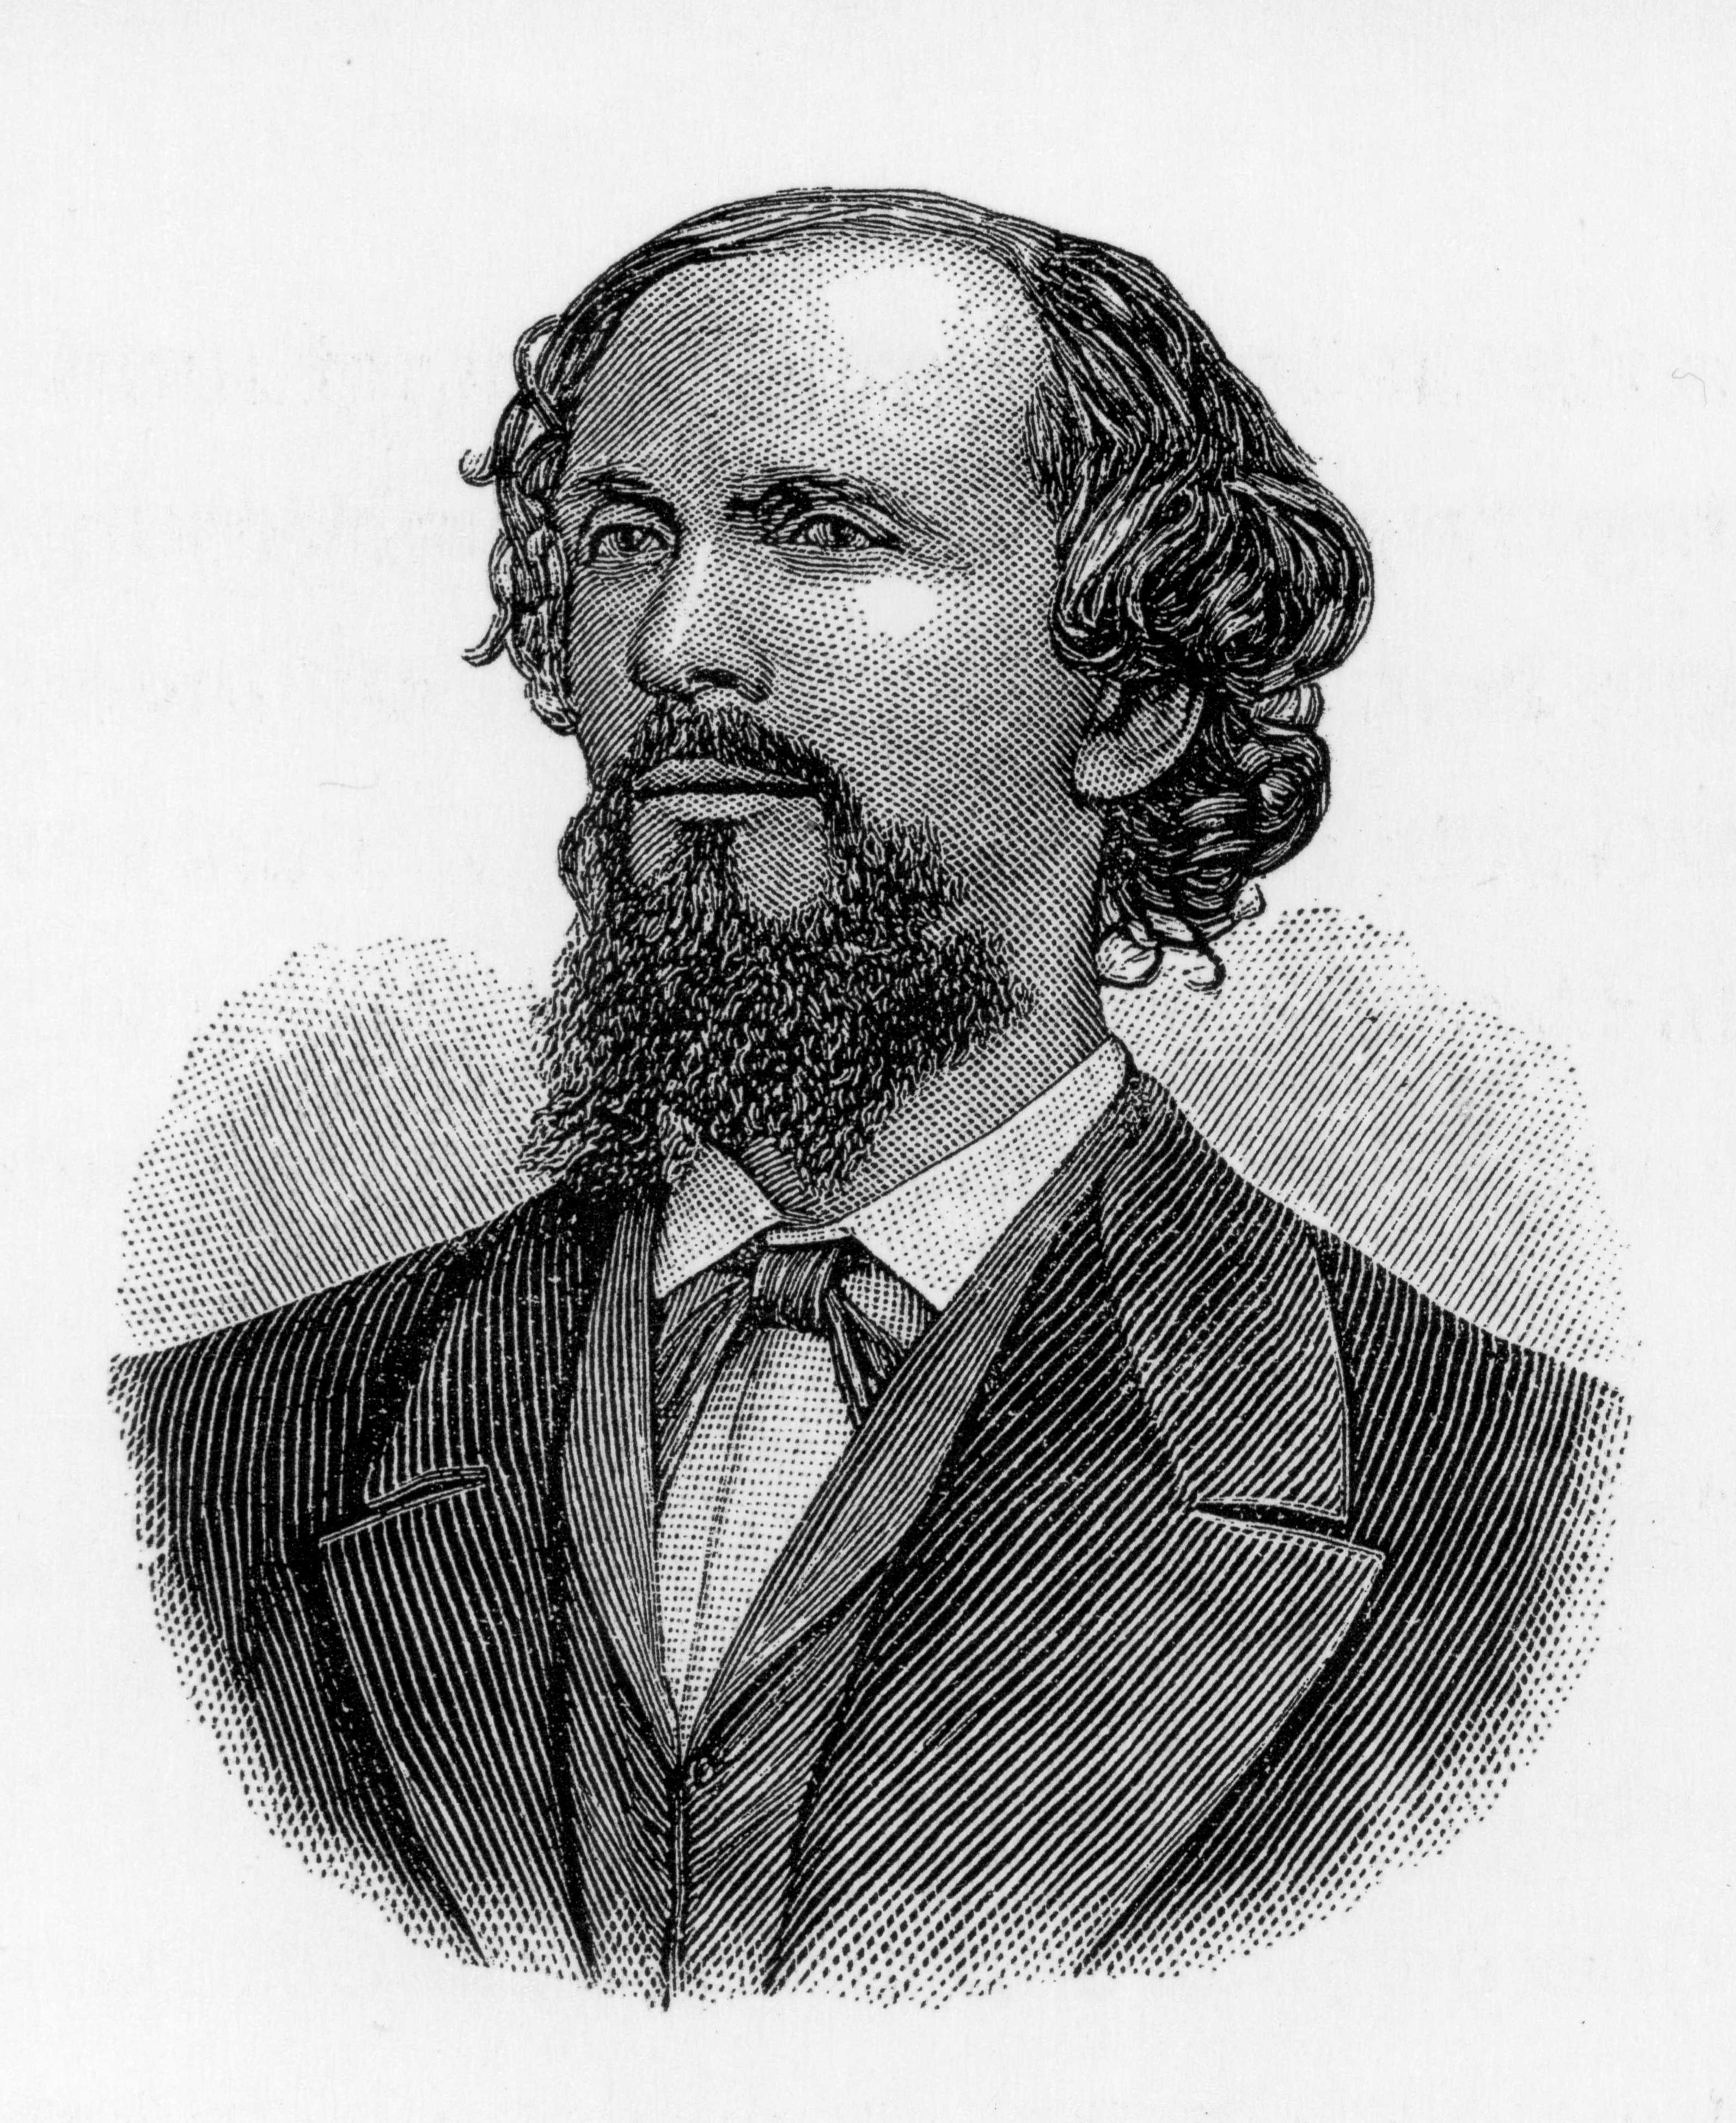 Karl Heinrich Ulrichs' Bowtie